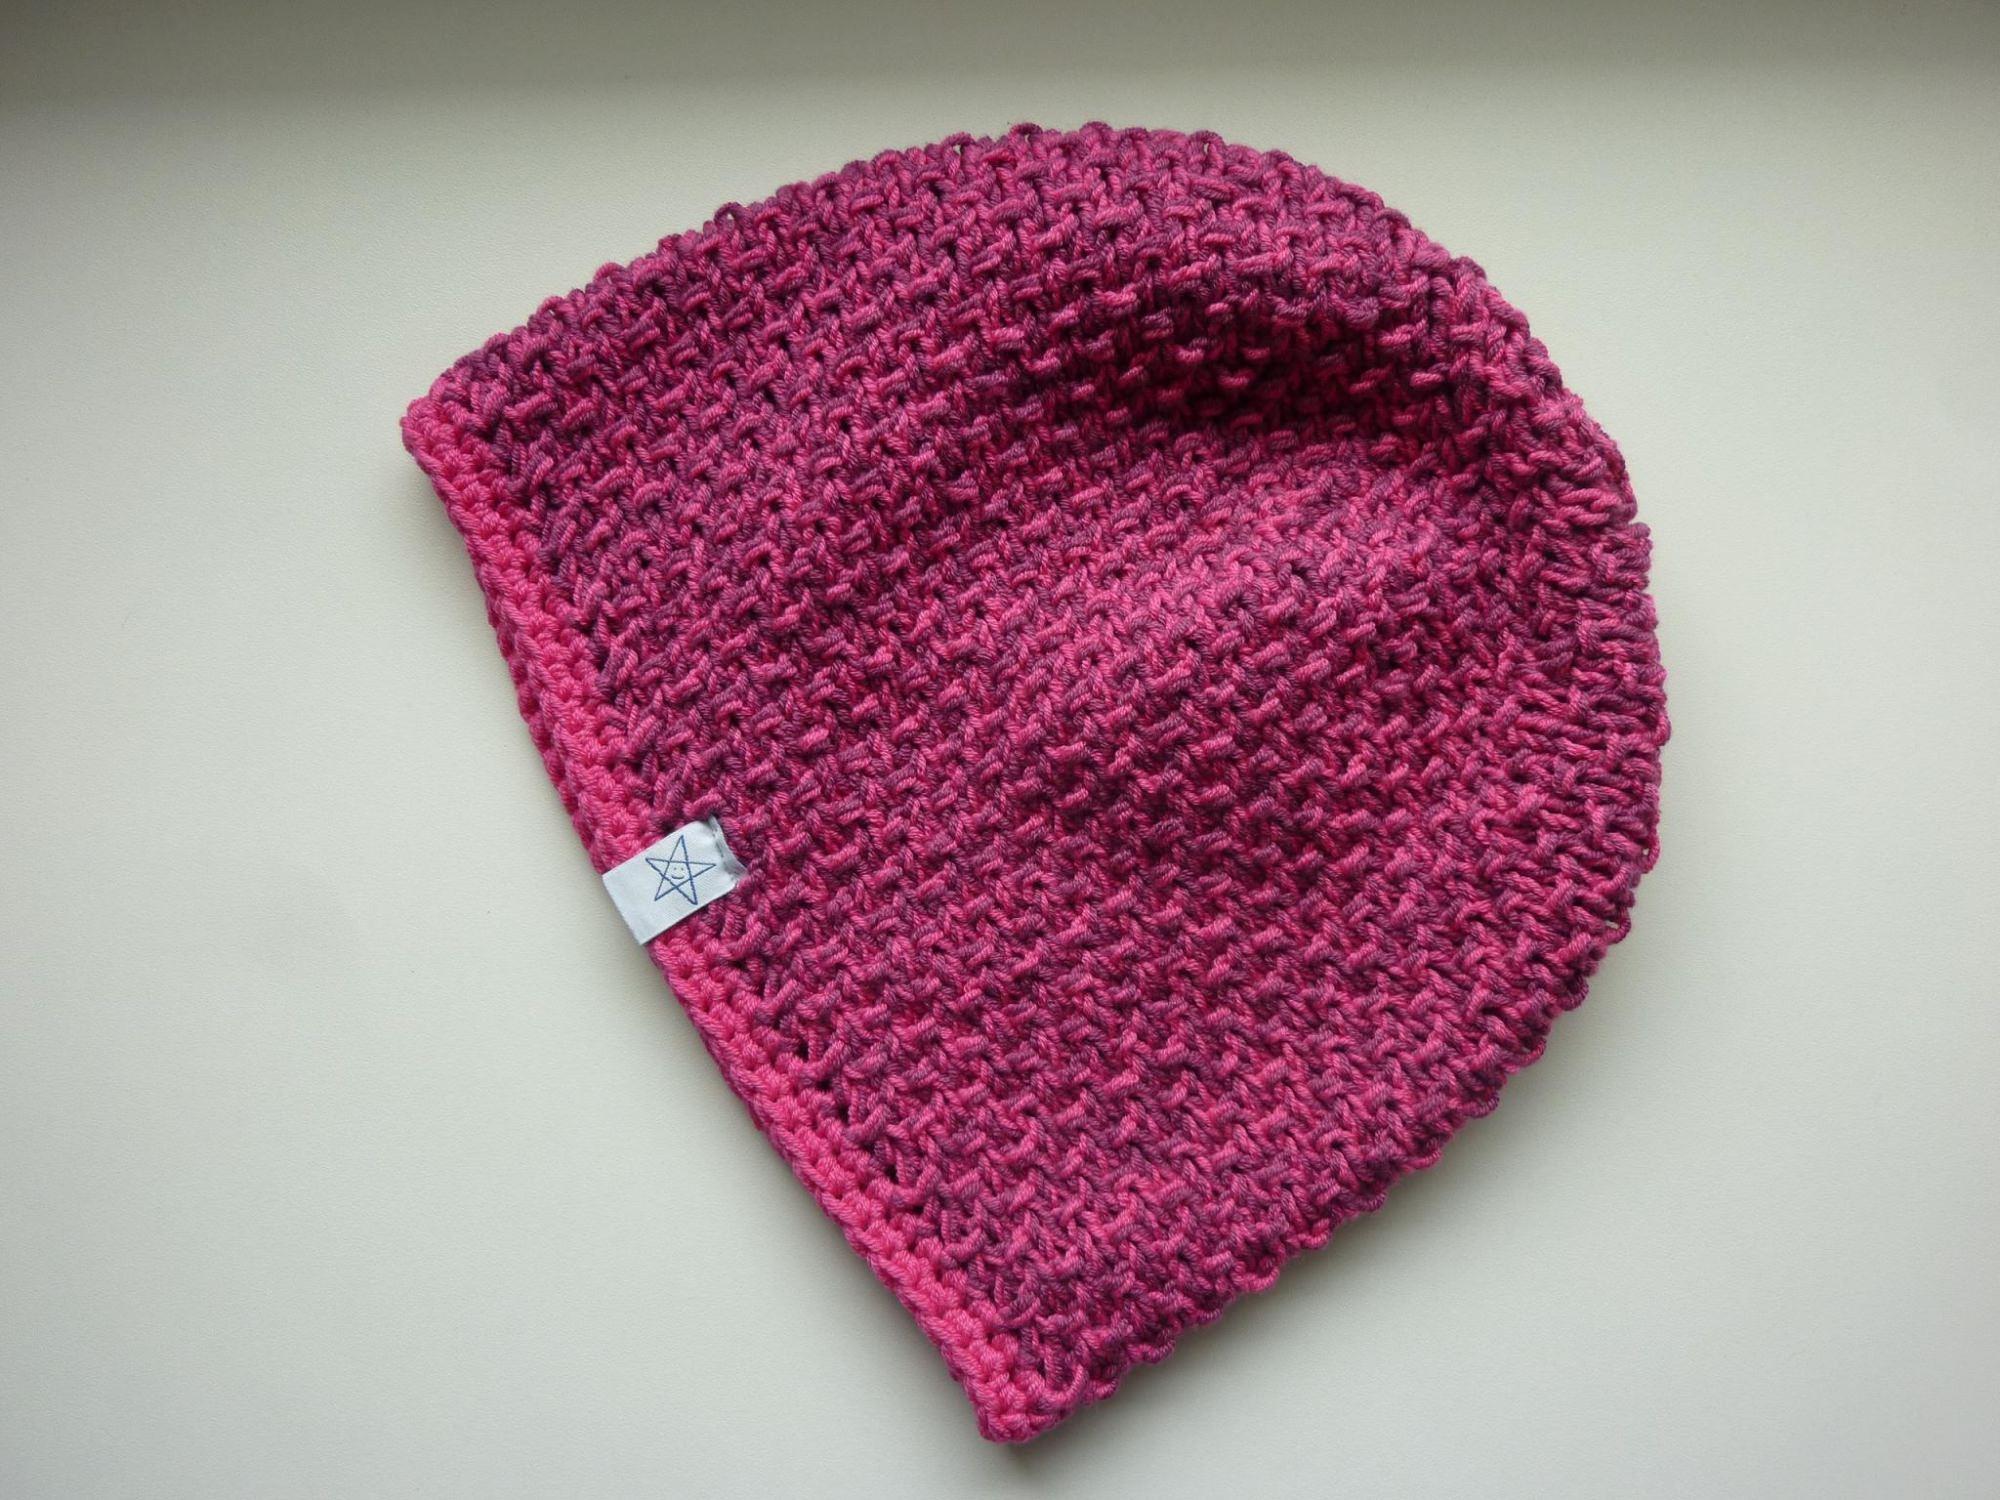 Kleinesbild - Strickmütze Dunkelrot Pink aus Baumwolle handgestrickt